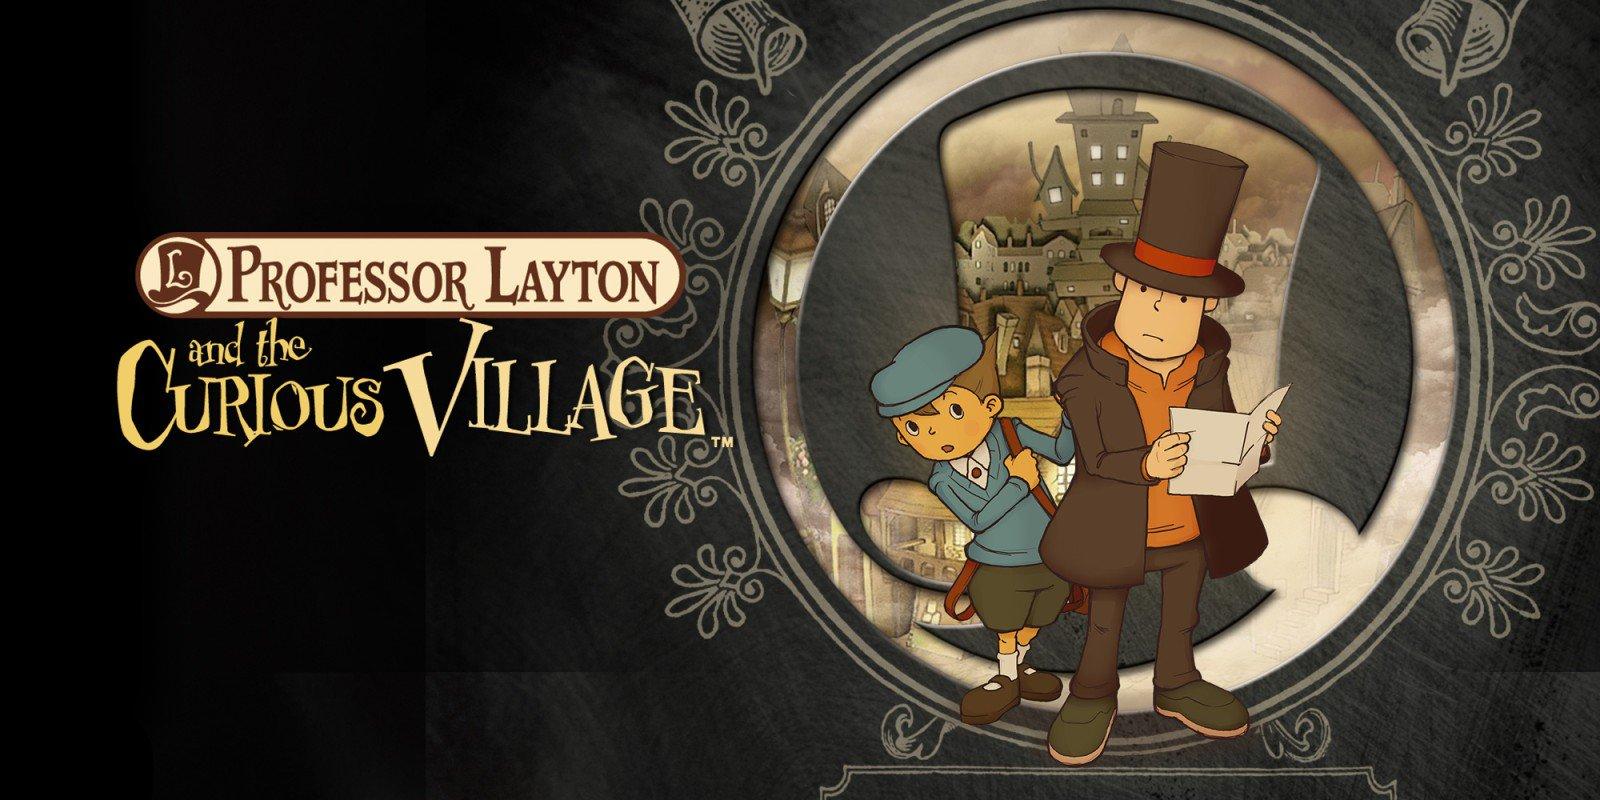 Compania de localização lista Professor Layton and the Curious Village para o Nintendo Switch